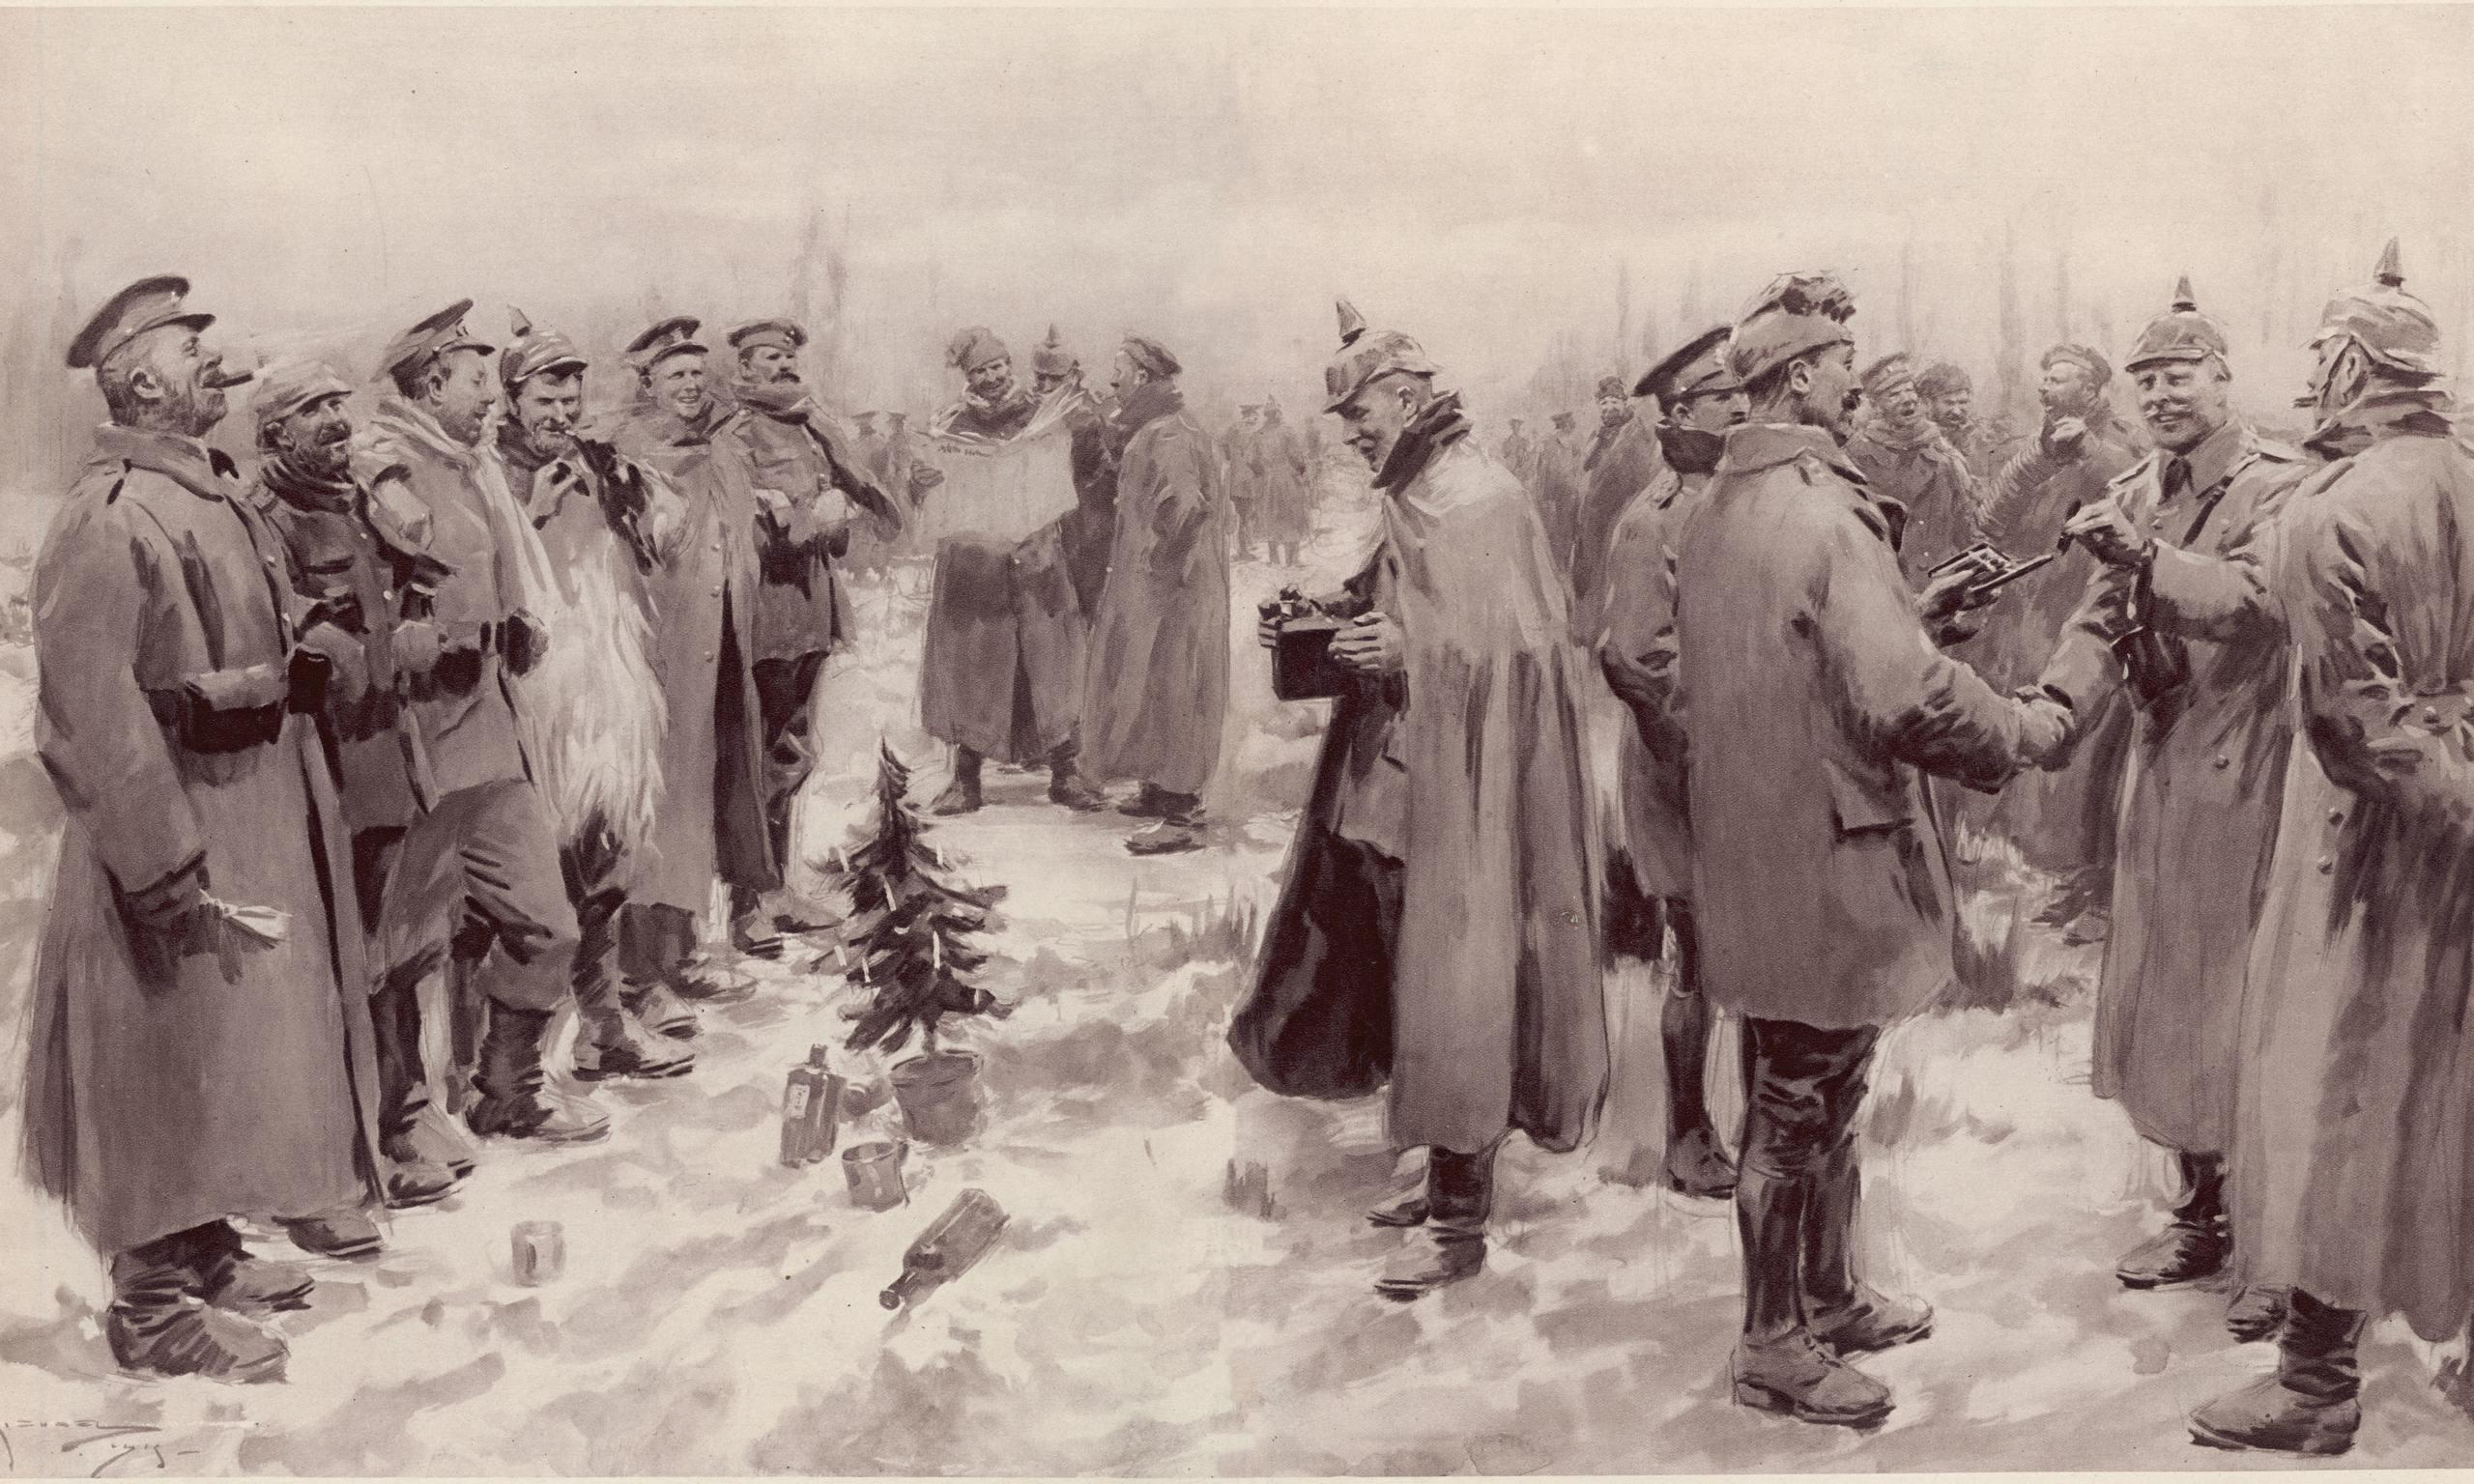 Christmas Truce - Wikipedia